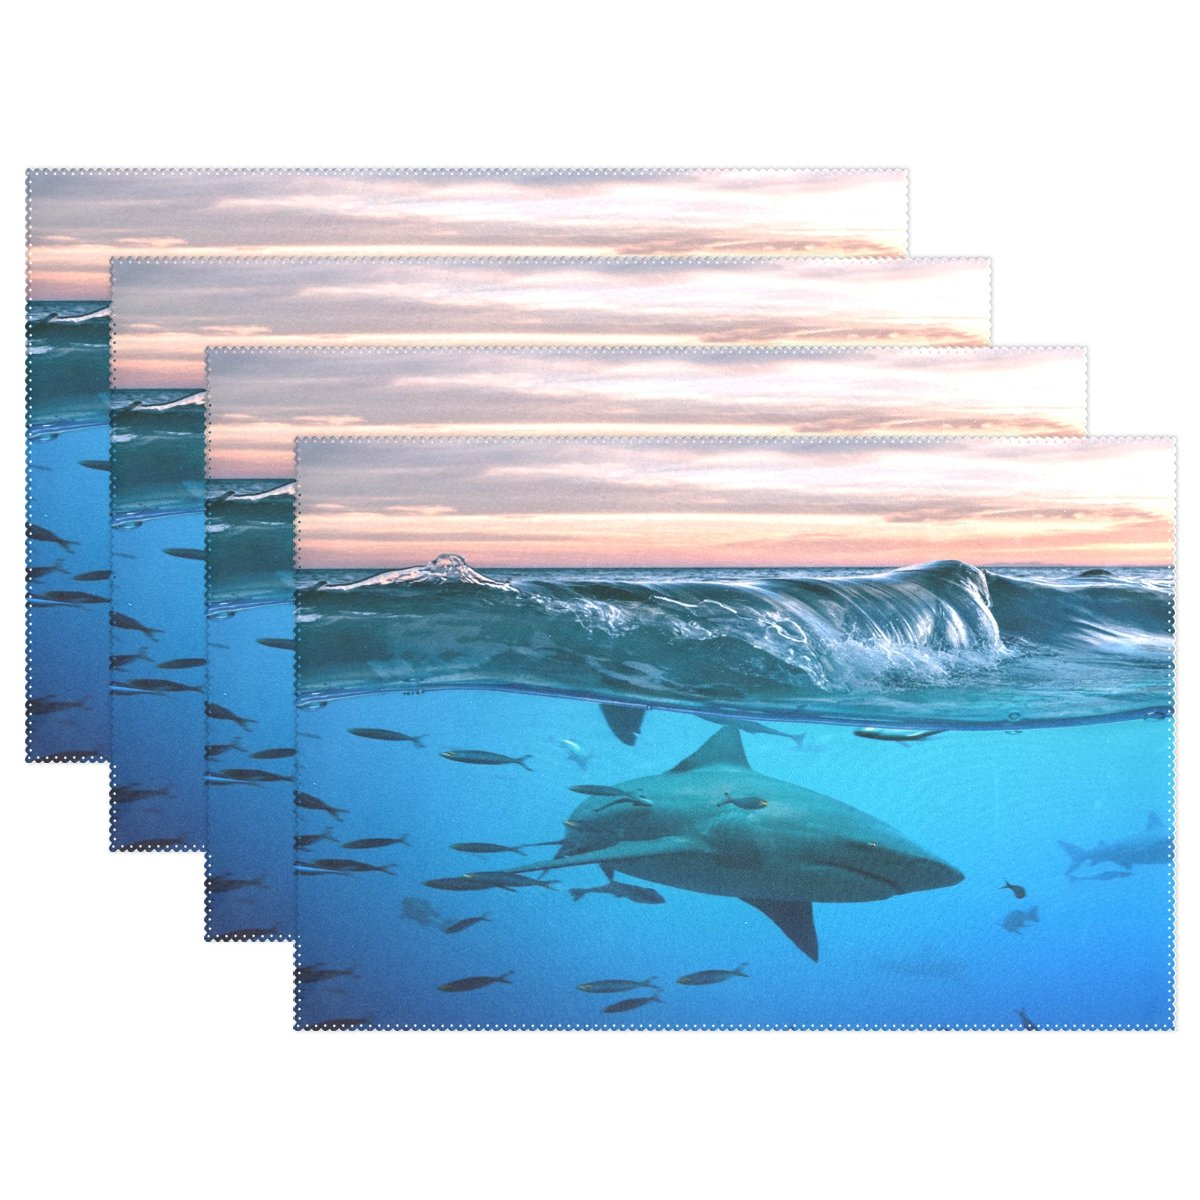 Wozo bullshark Shark Underwaterプレースマットテーブルマット12